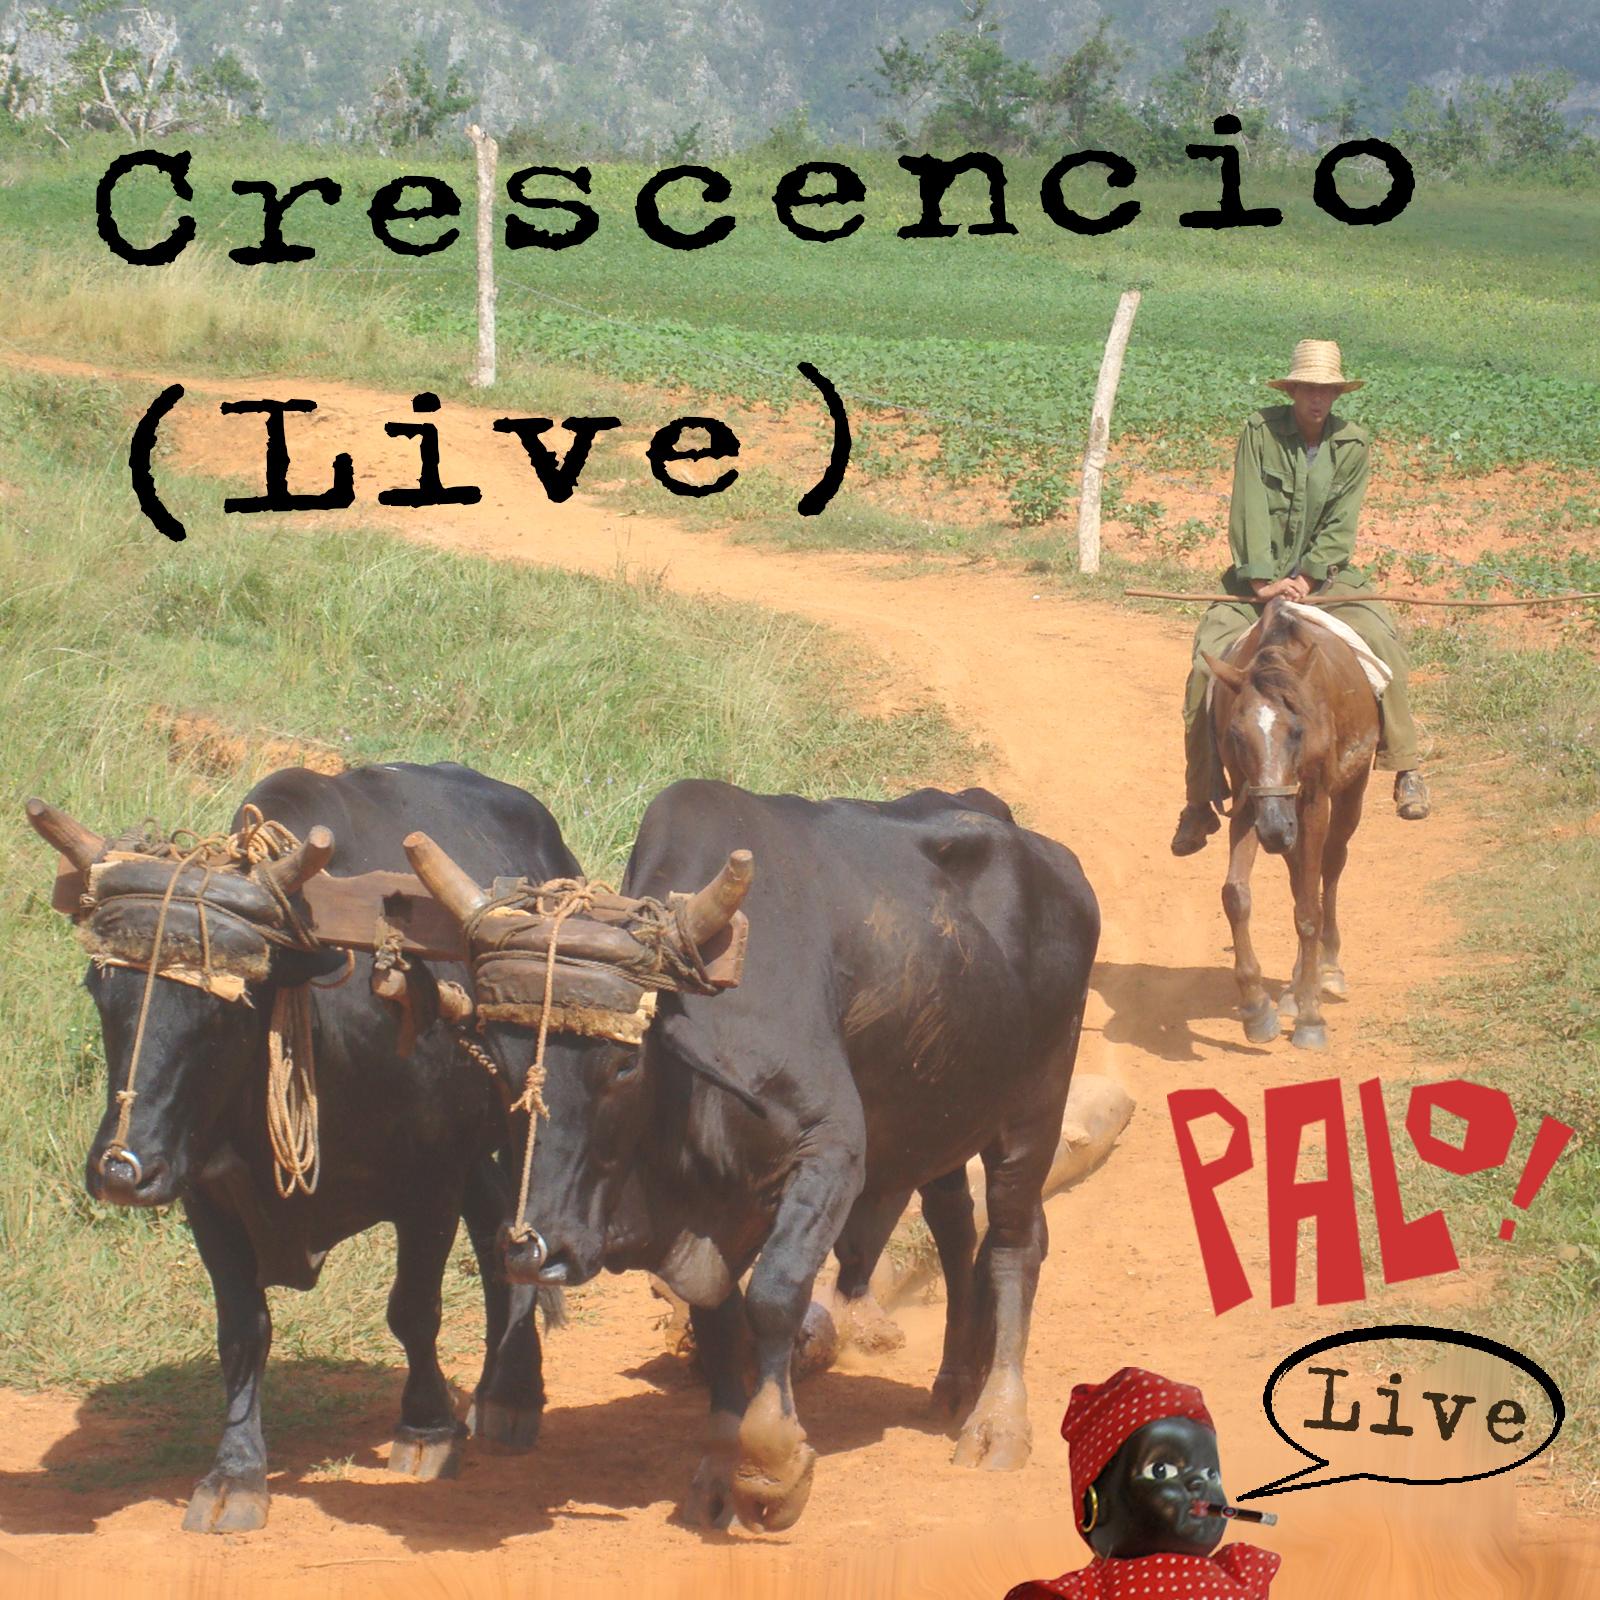 Crescencio live